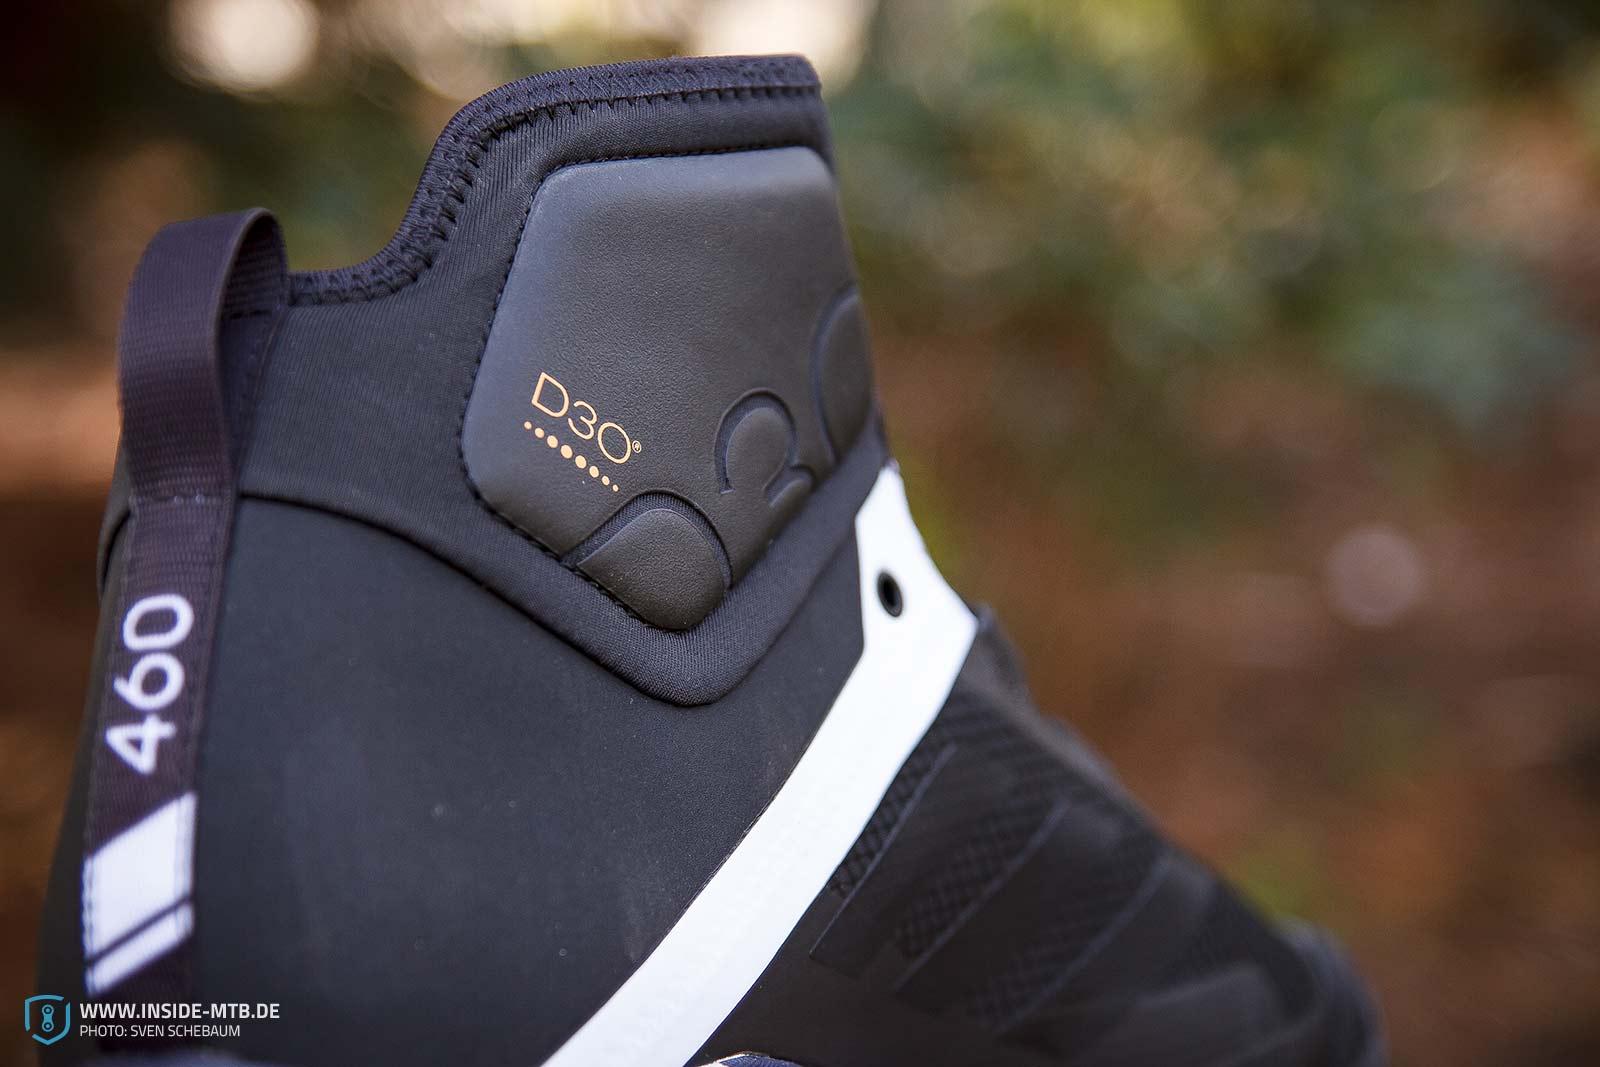 8b511edb6ce Wie auch schon beim Adidas Terrex Trailcross findet die 5.10 patentierte  STEALTH Sohle ihren Einsatz. So soll der Schuh in der Theorie steif genug  sein um ...